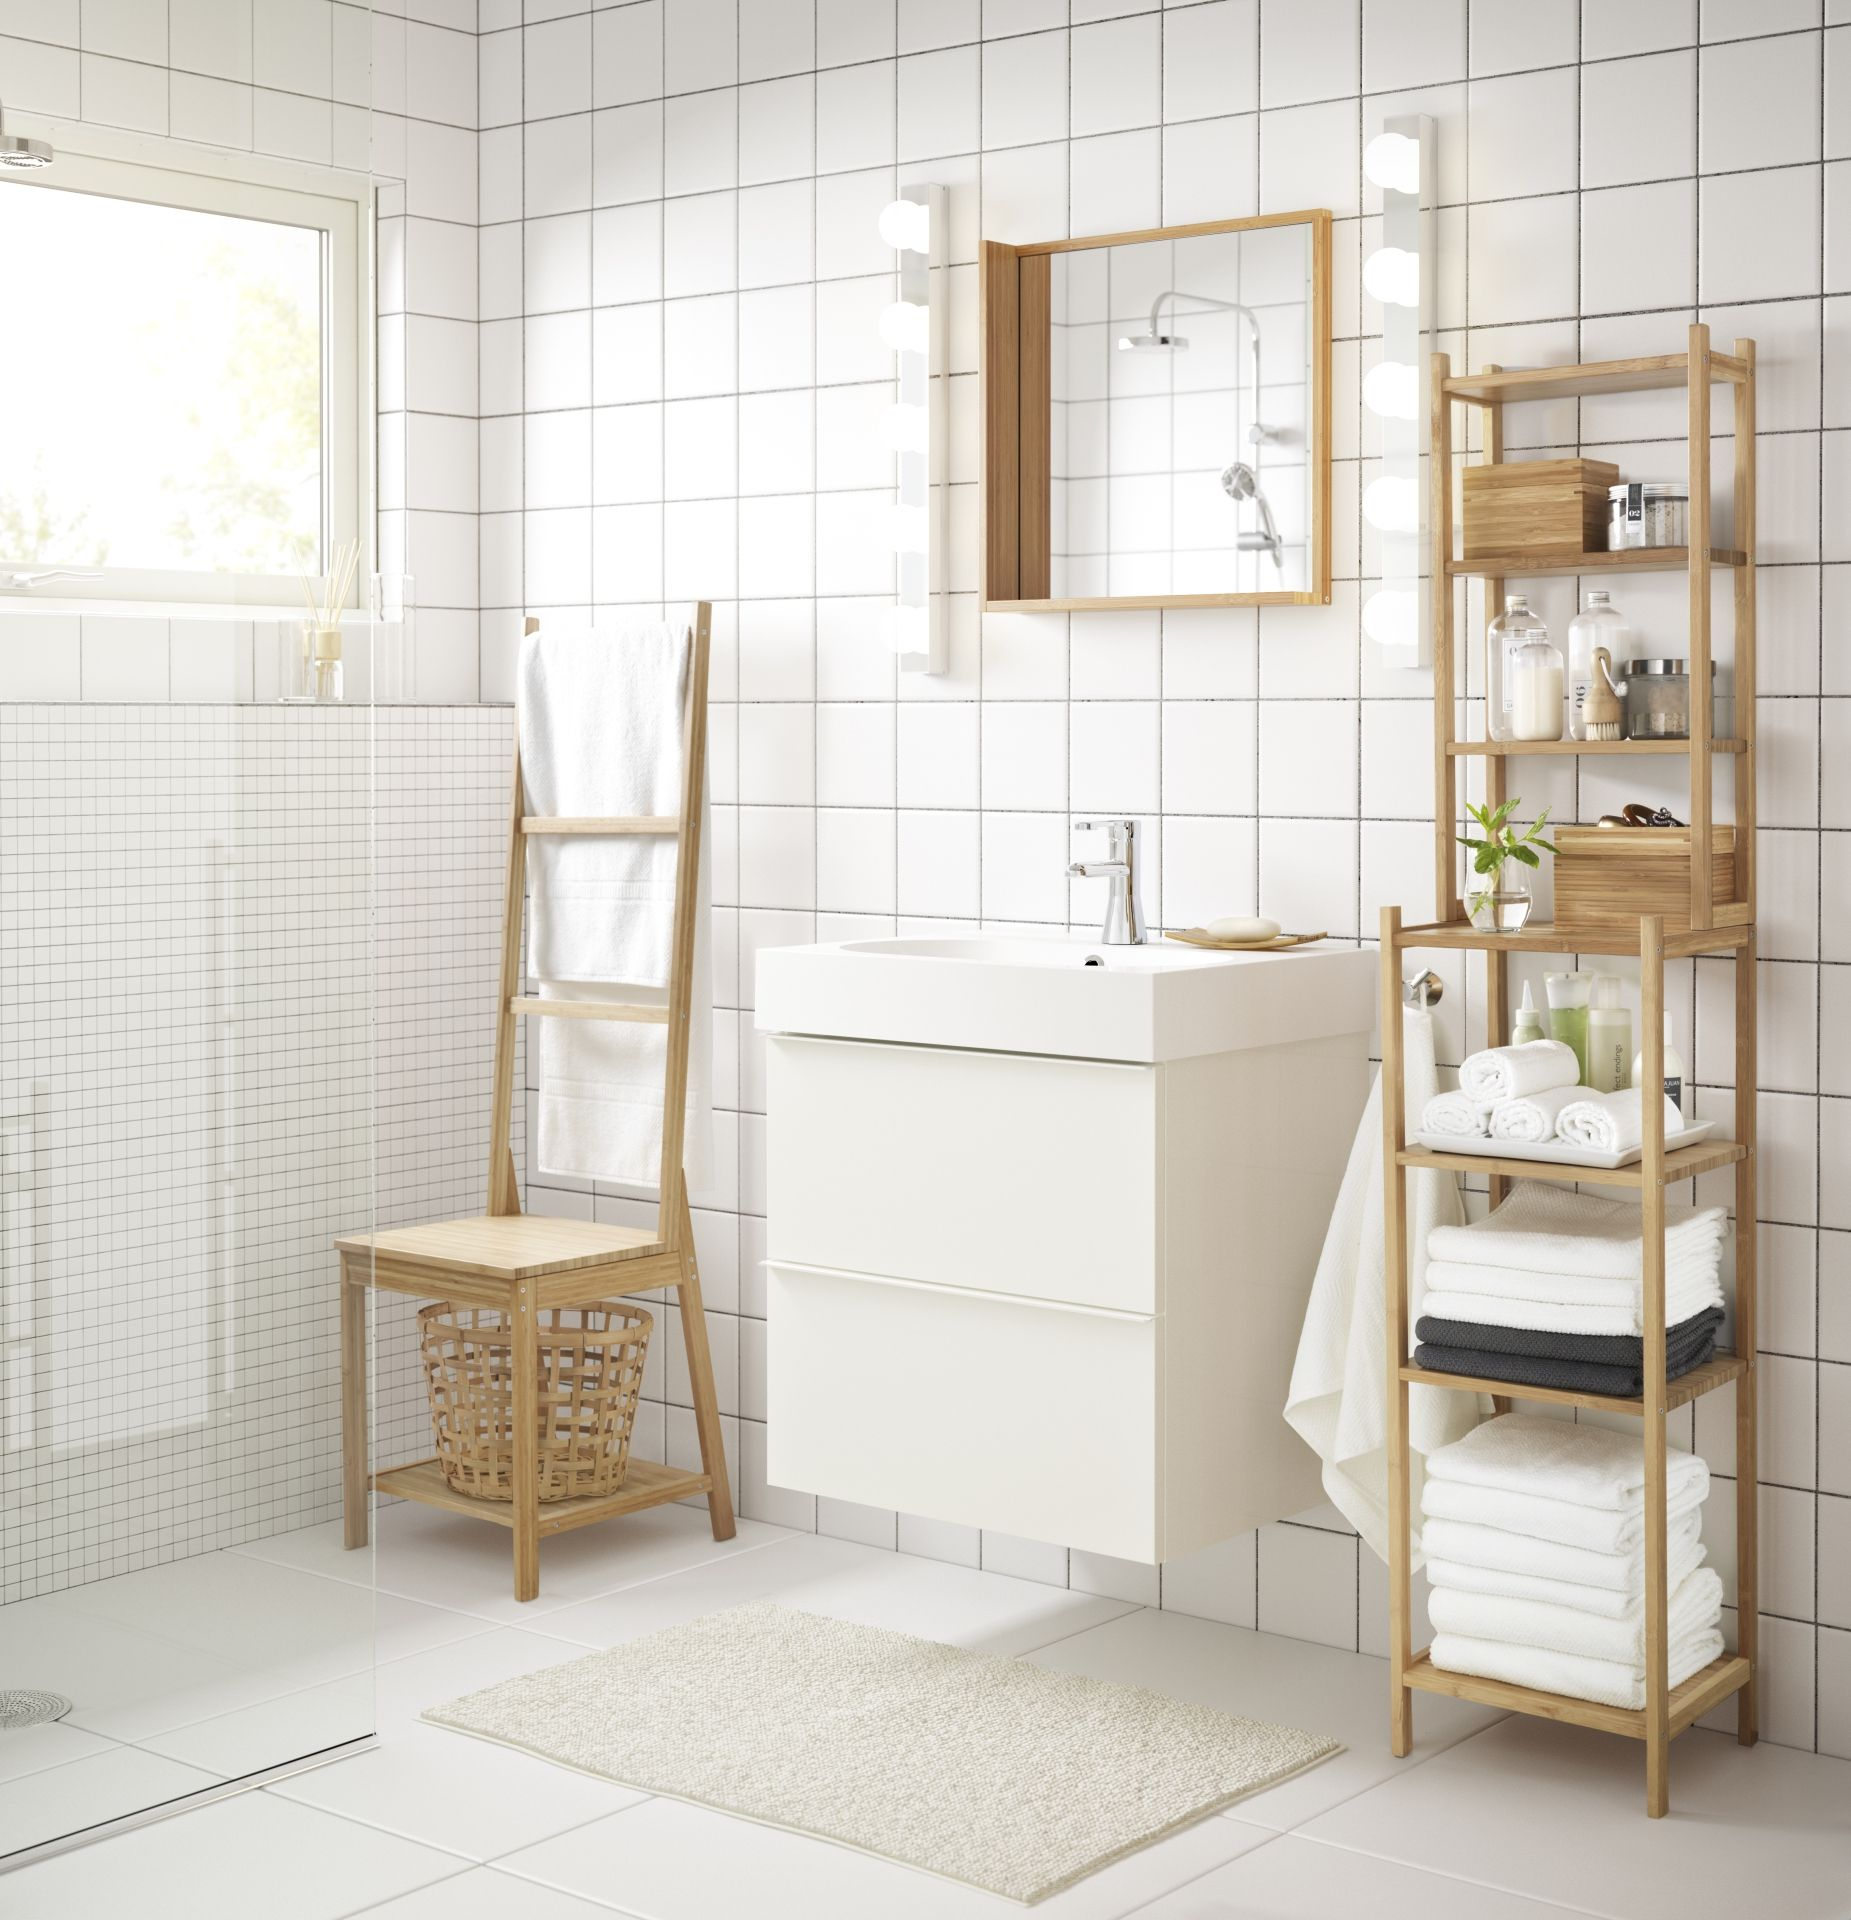 RÅGRUND Stoel met handdoekenrek, bamboe - Bamboe, Ikea en Badkamer